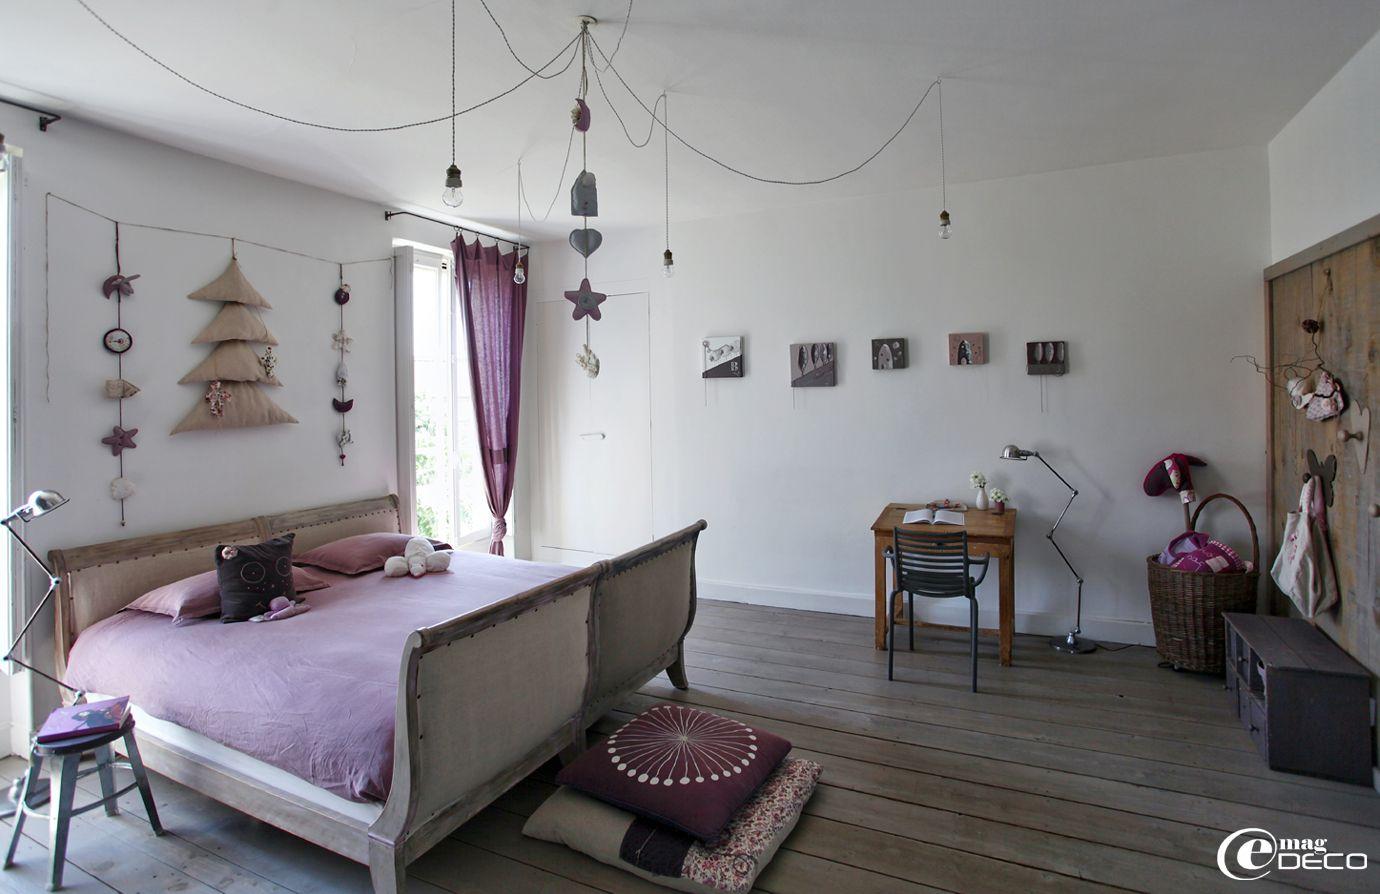 Chambre de jeune fille dcore par Batrice Loncle cratricedcoratrice  Agen  loft